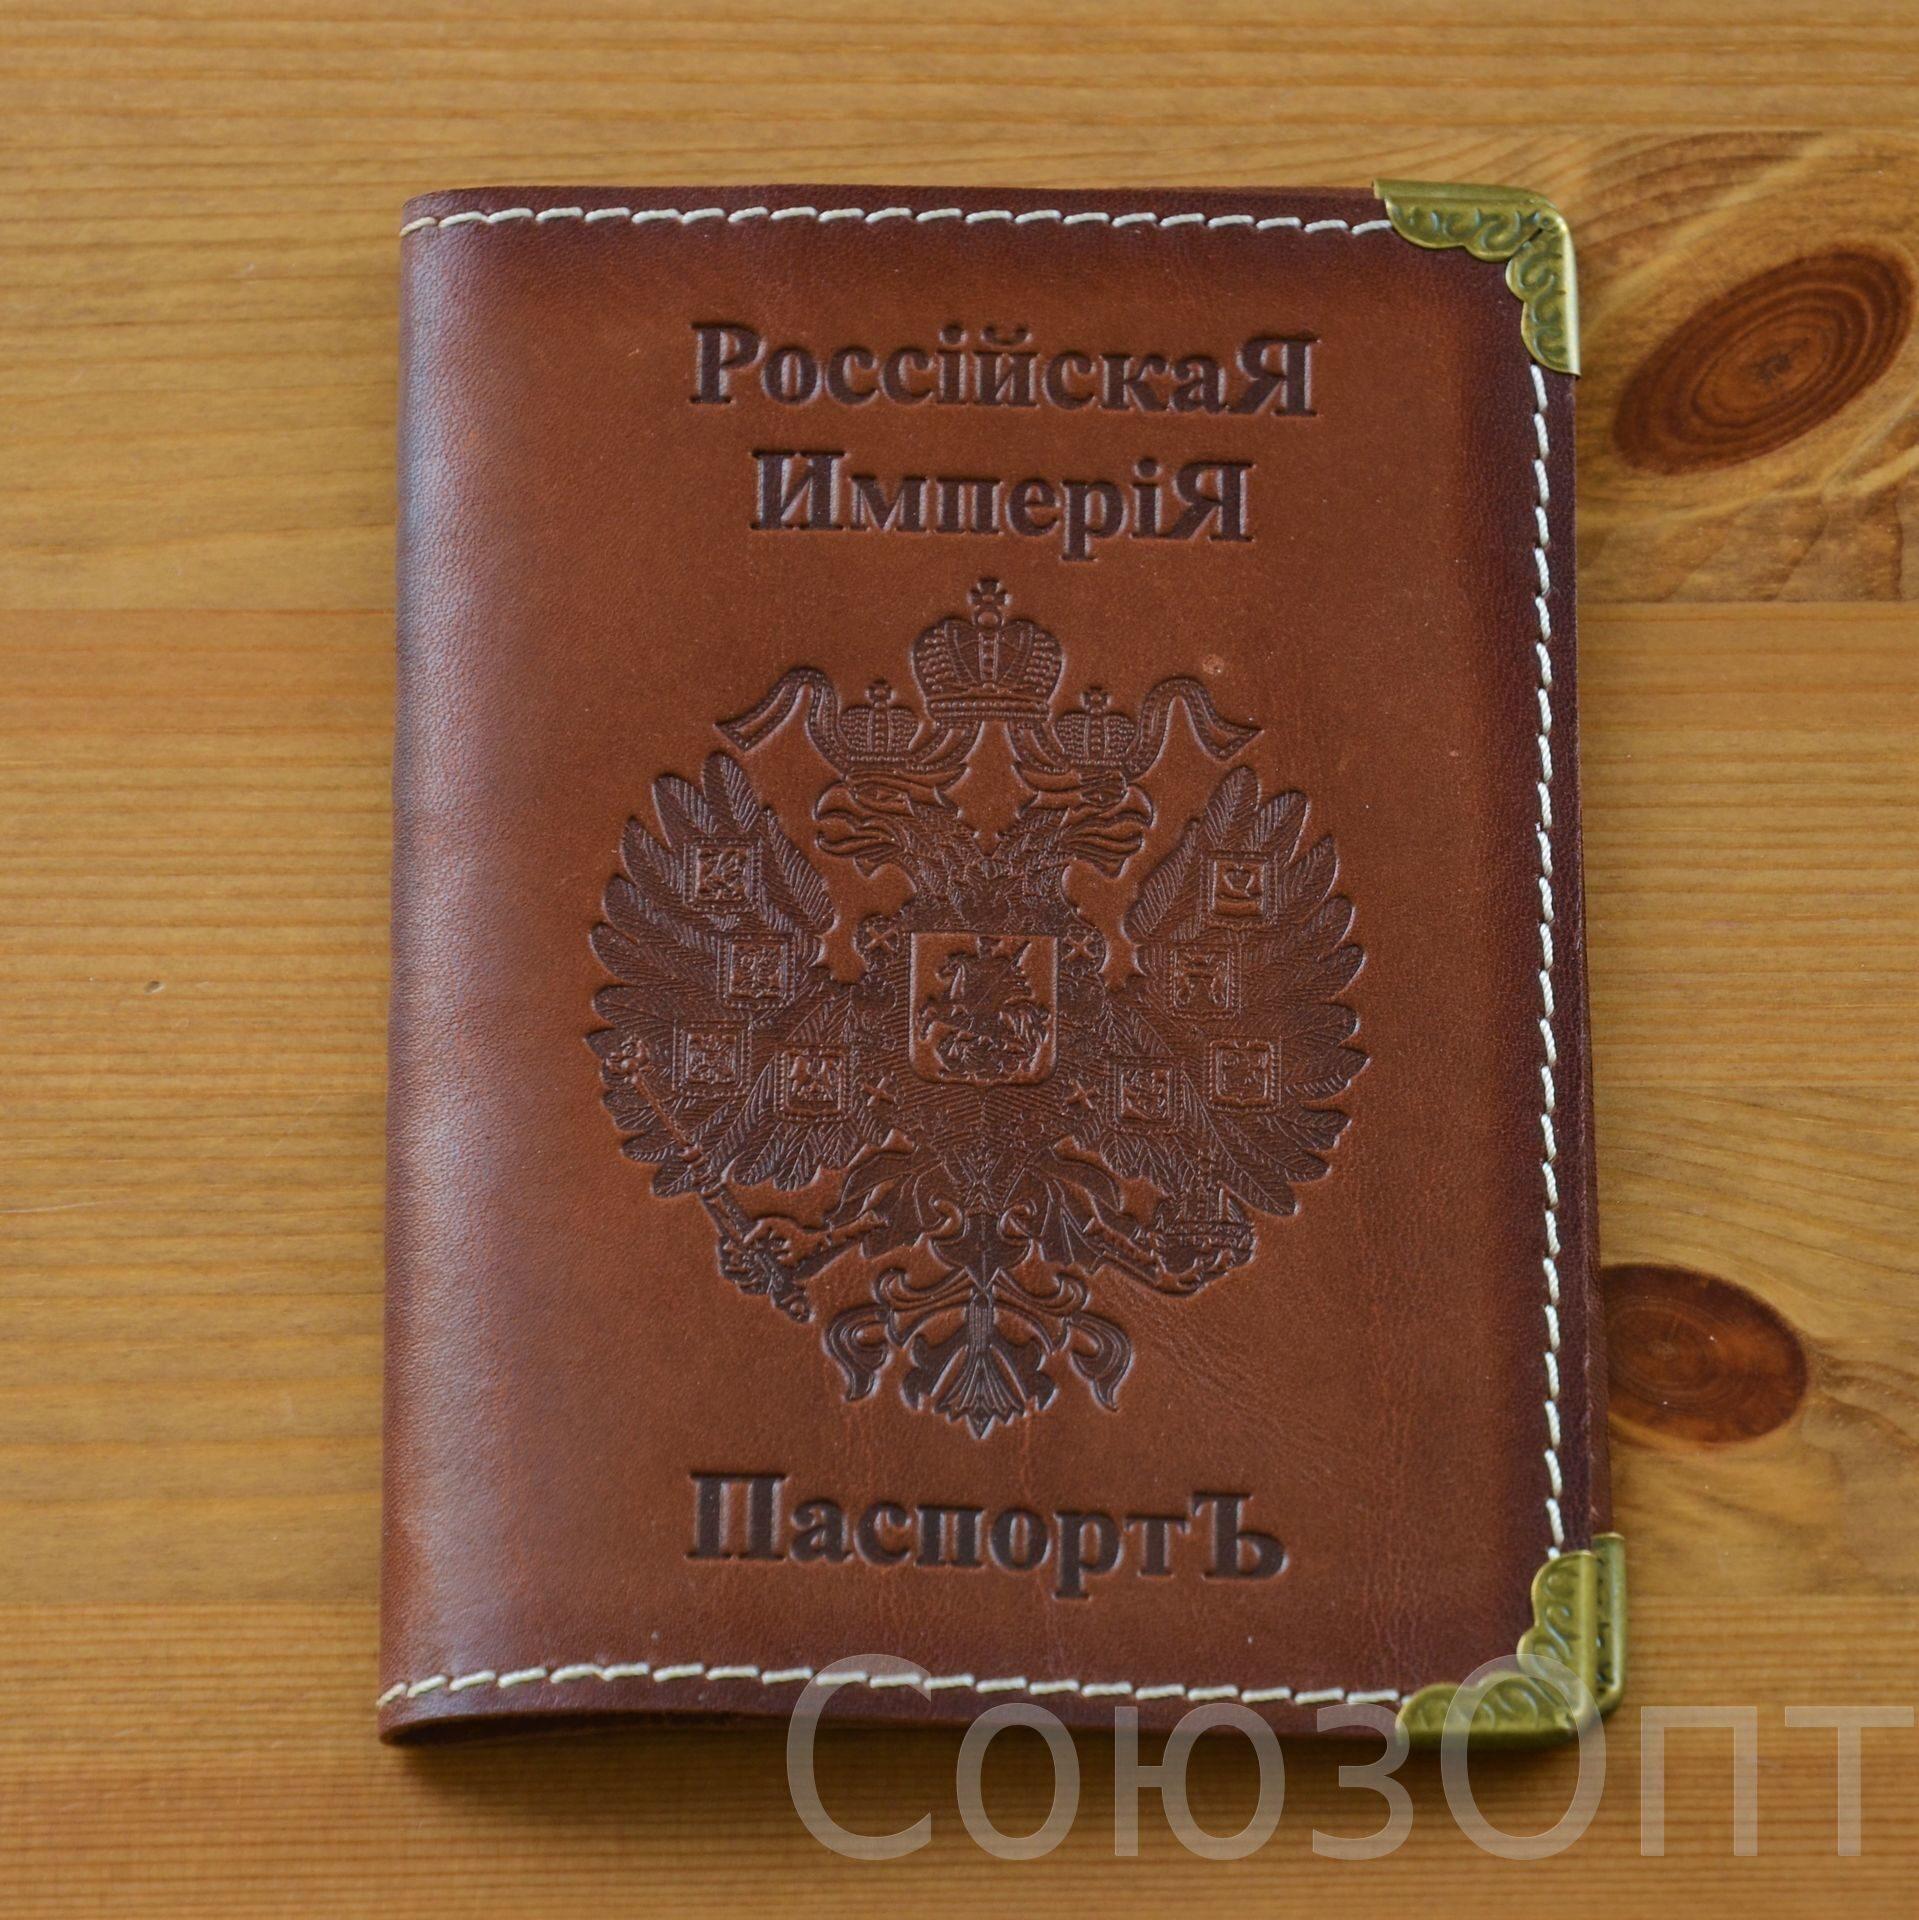 55141b041795 Обложка для паспорта. Российская Империя